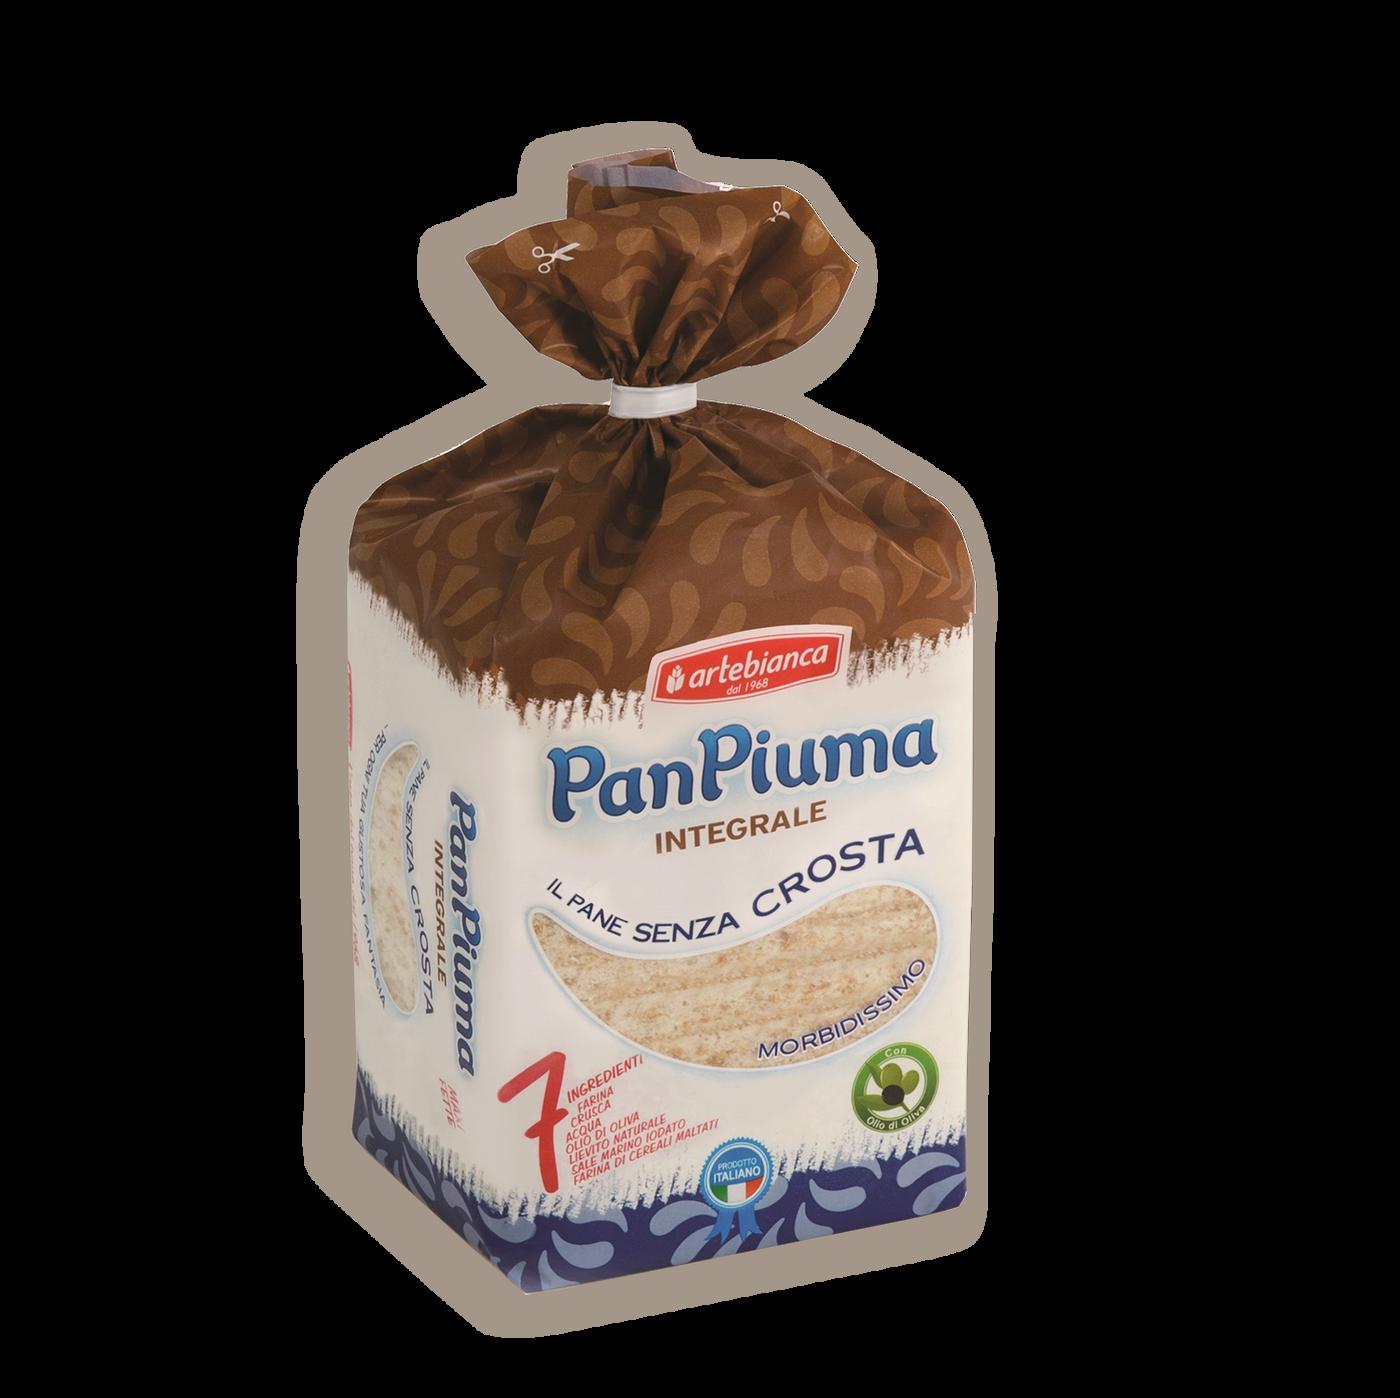 Pan Piuma Integrale